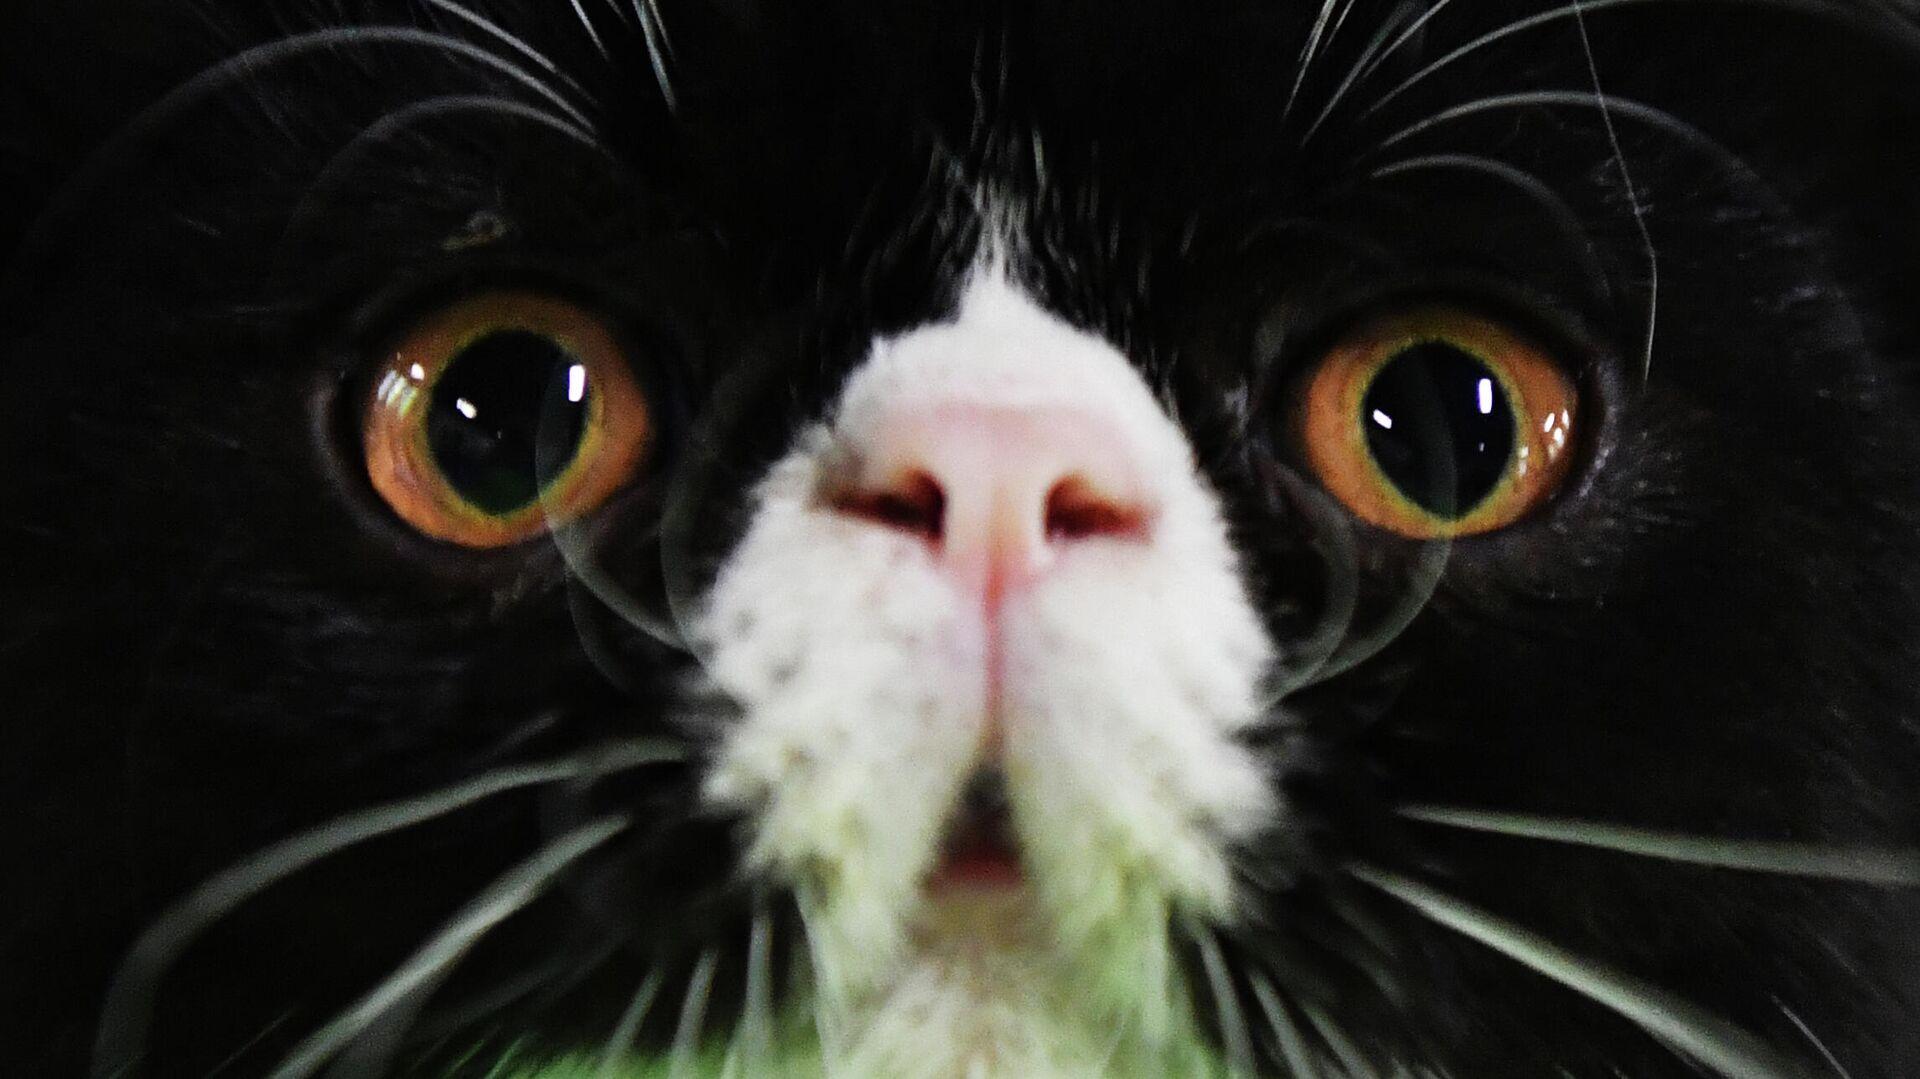 Кошка породы экзотическая  на выставке КоШарики Шоу в Москве - РИА Новости, 1920, 14.09.2021